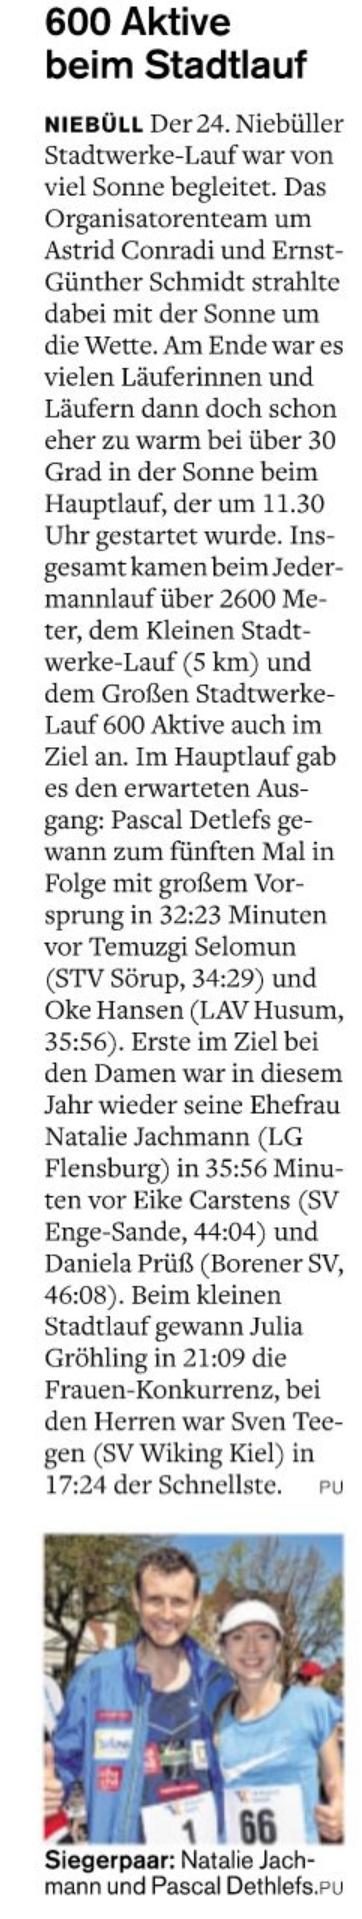 Doppelsieg in Niebüll